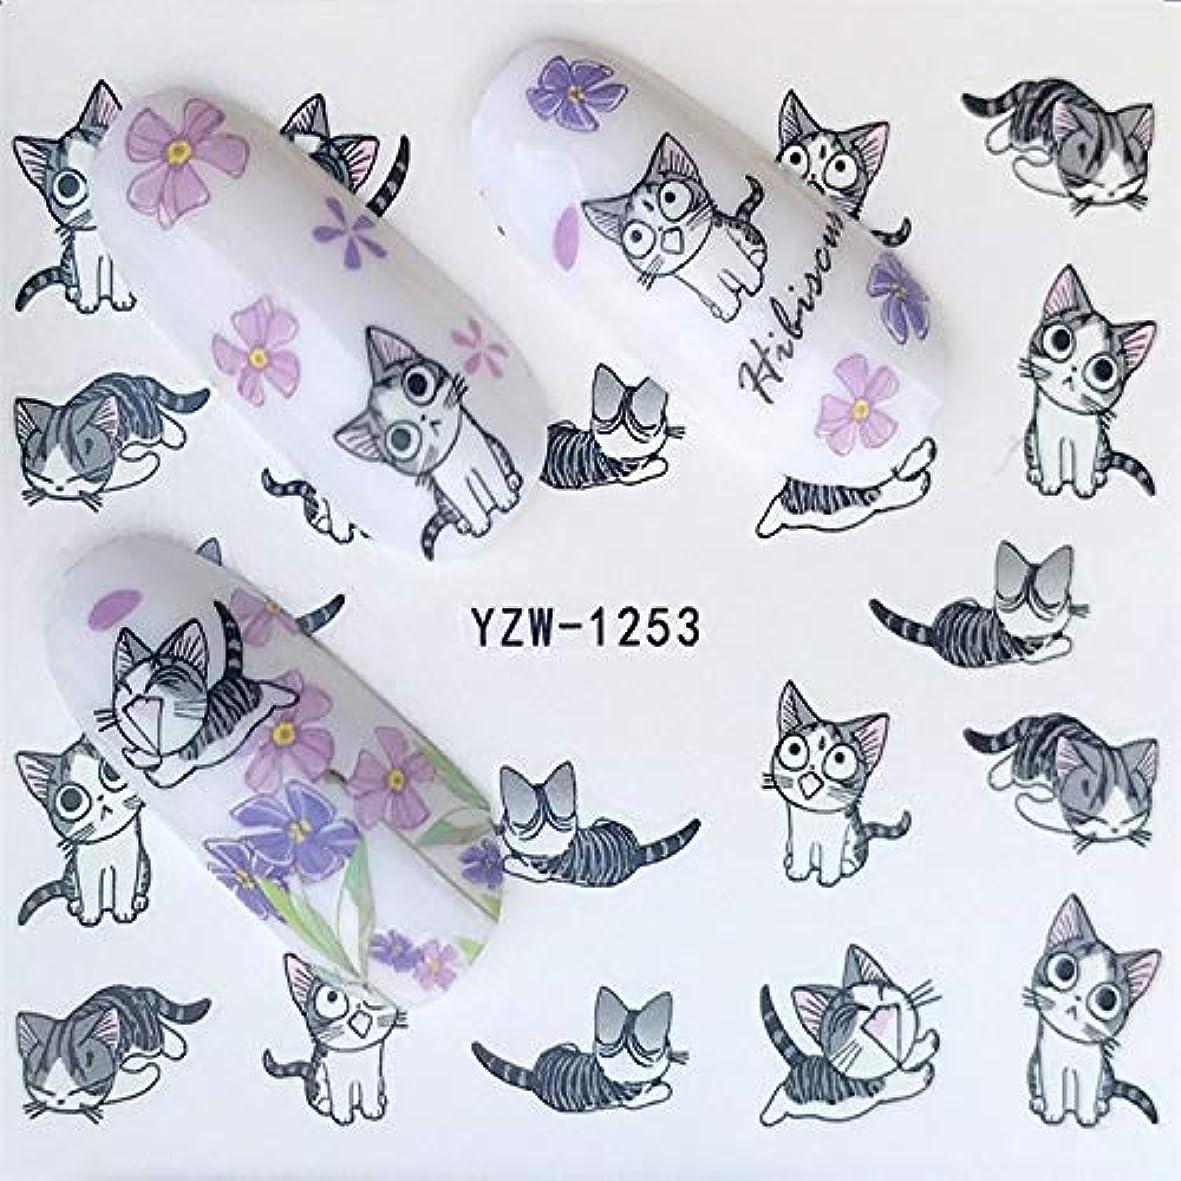 鉛値する本を読むLITI ネイルシール 猫 愛らしい猫 ネコ ラブリー 猫 かわいい 動物 アニマル 3D デザイン シンプル 転送ネイルアートステッカー 異なるスタイル マニキュアペディキュアステッカー デコネイル